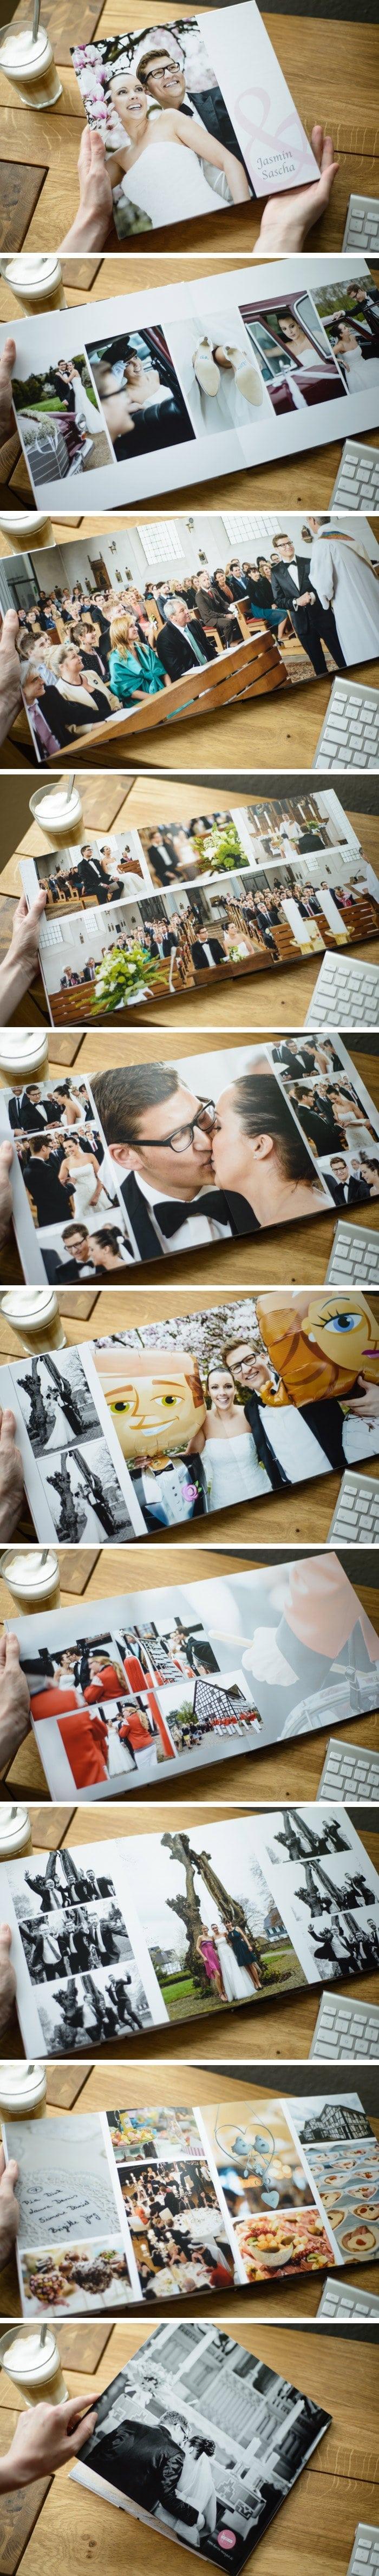 Es ist nochmal was anderes wenn man die Bilder in Händen halten kann. Ich hab schnell mal einige Seiten der neuen Hochzeitsbücher abfotografiert. Nun ab zur Post, die zwei Paare freuen sich sicherlich wenn ihr Buch flott ankommt.